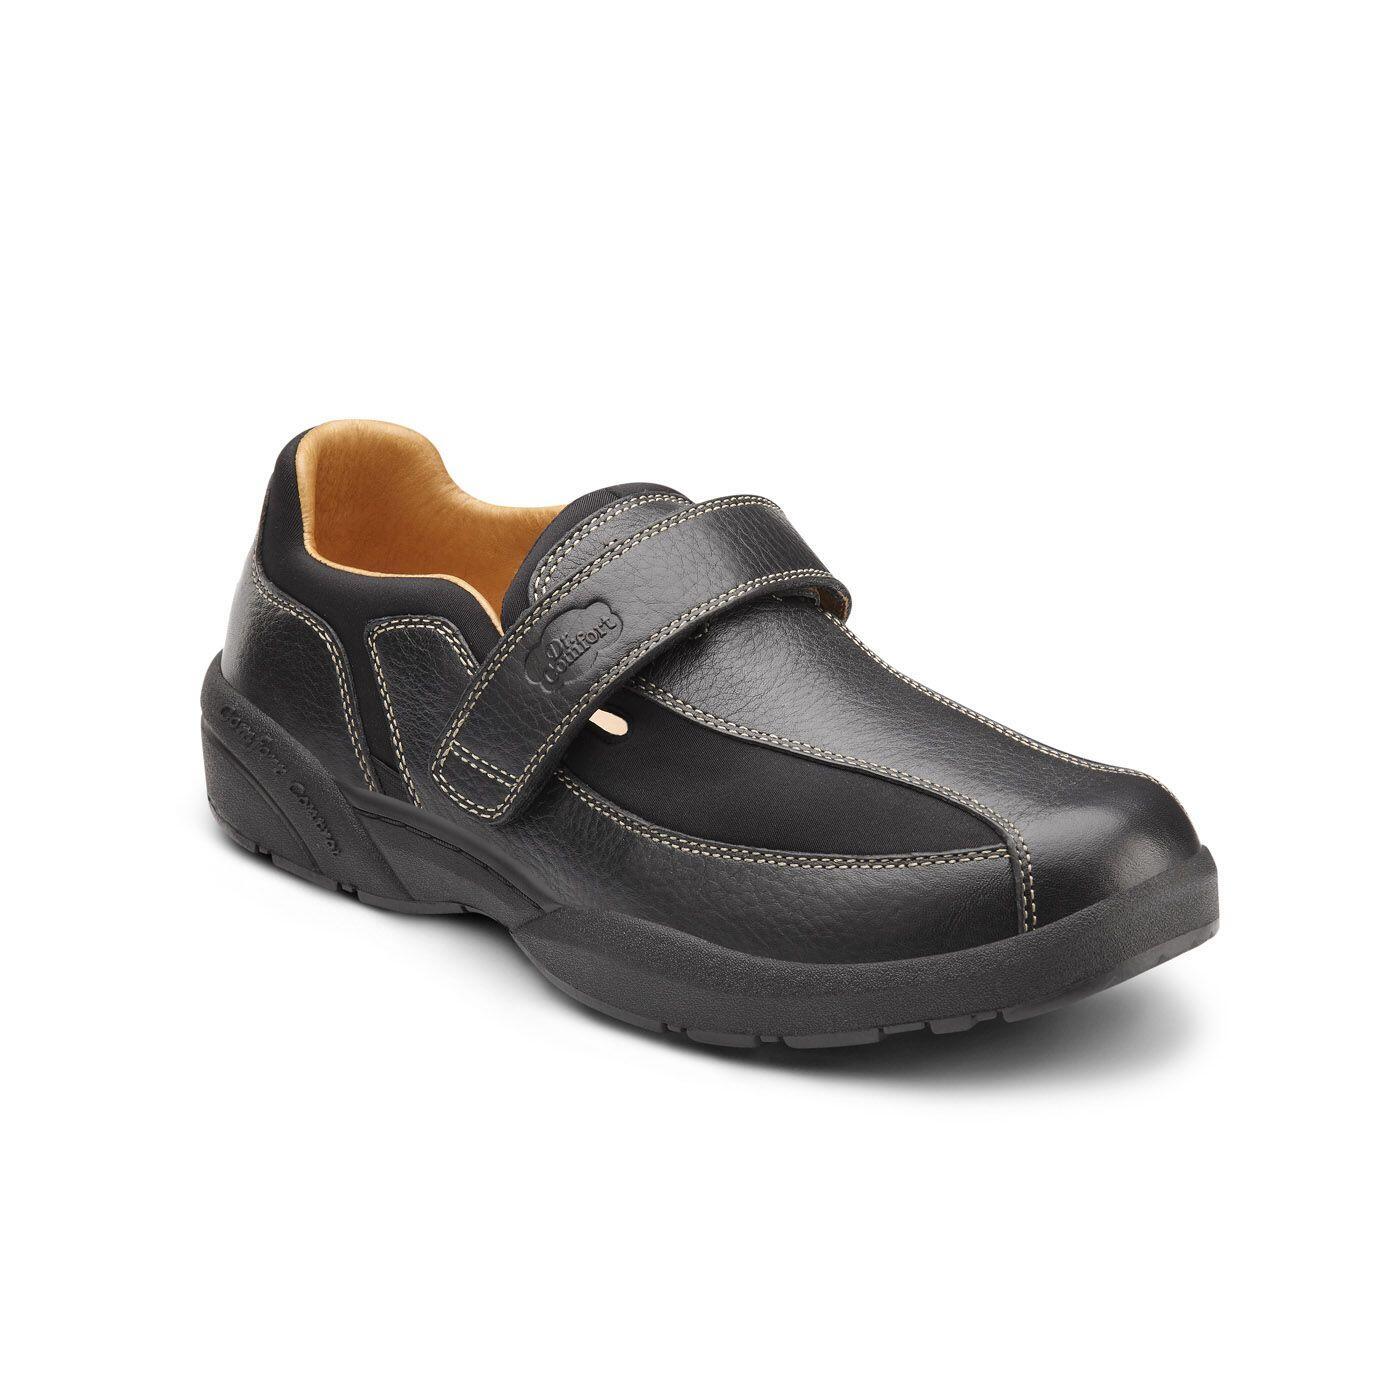 Dr Comfort Douglas Men's Shoes